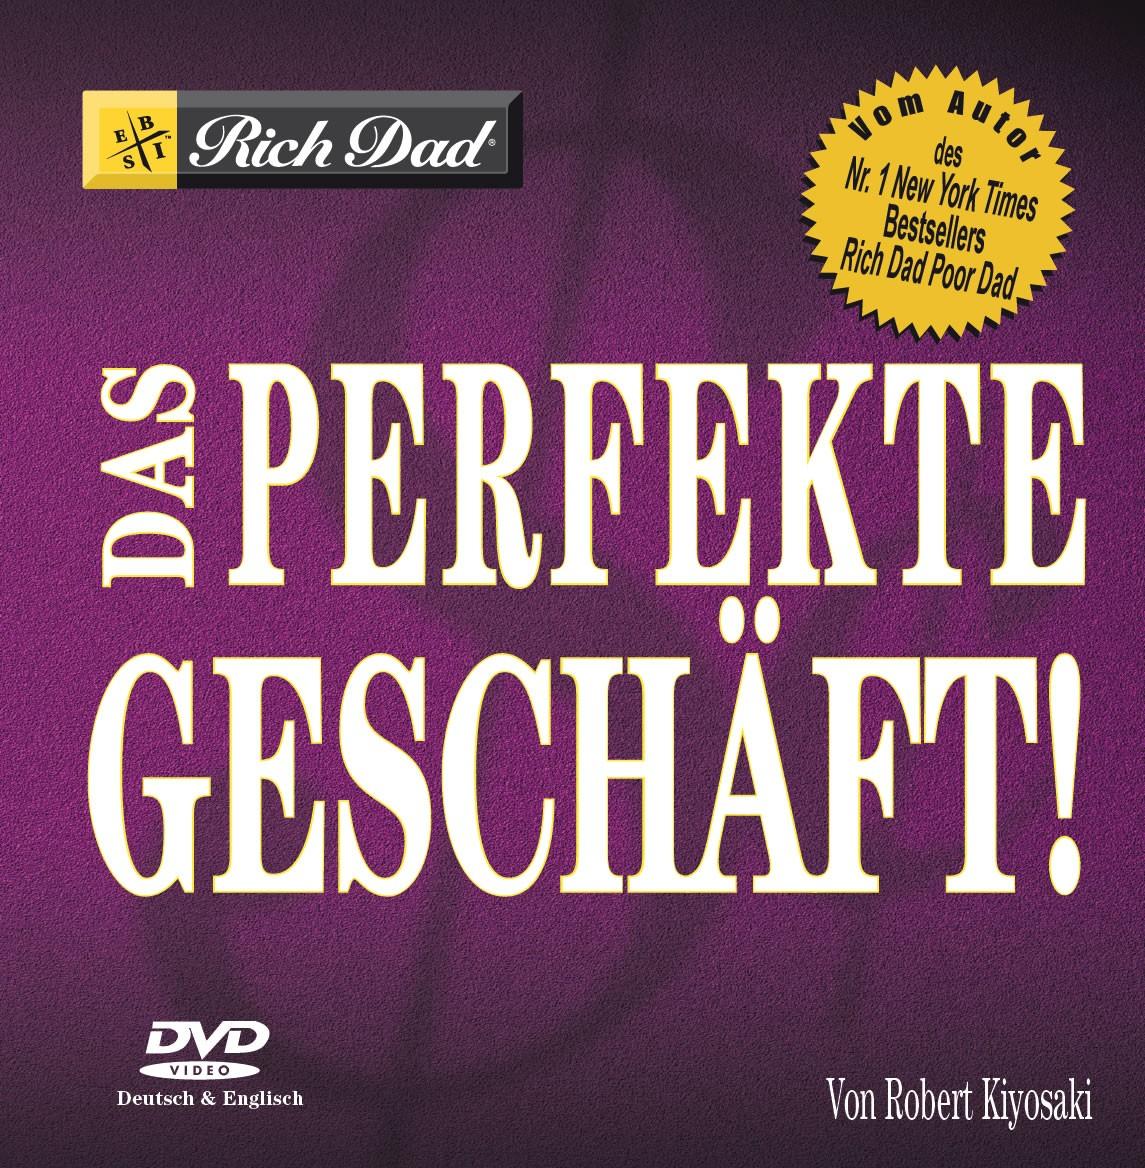 Das perfekte Geschäft - DVD